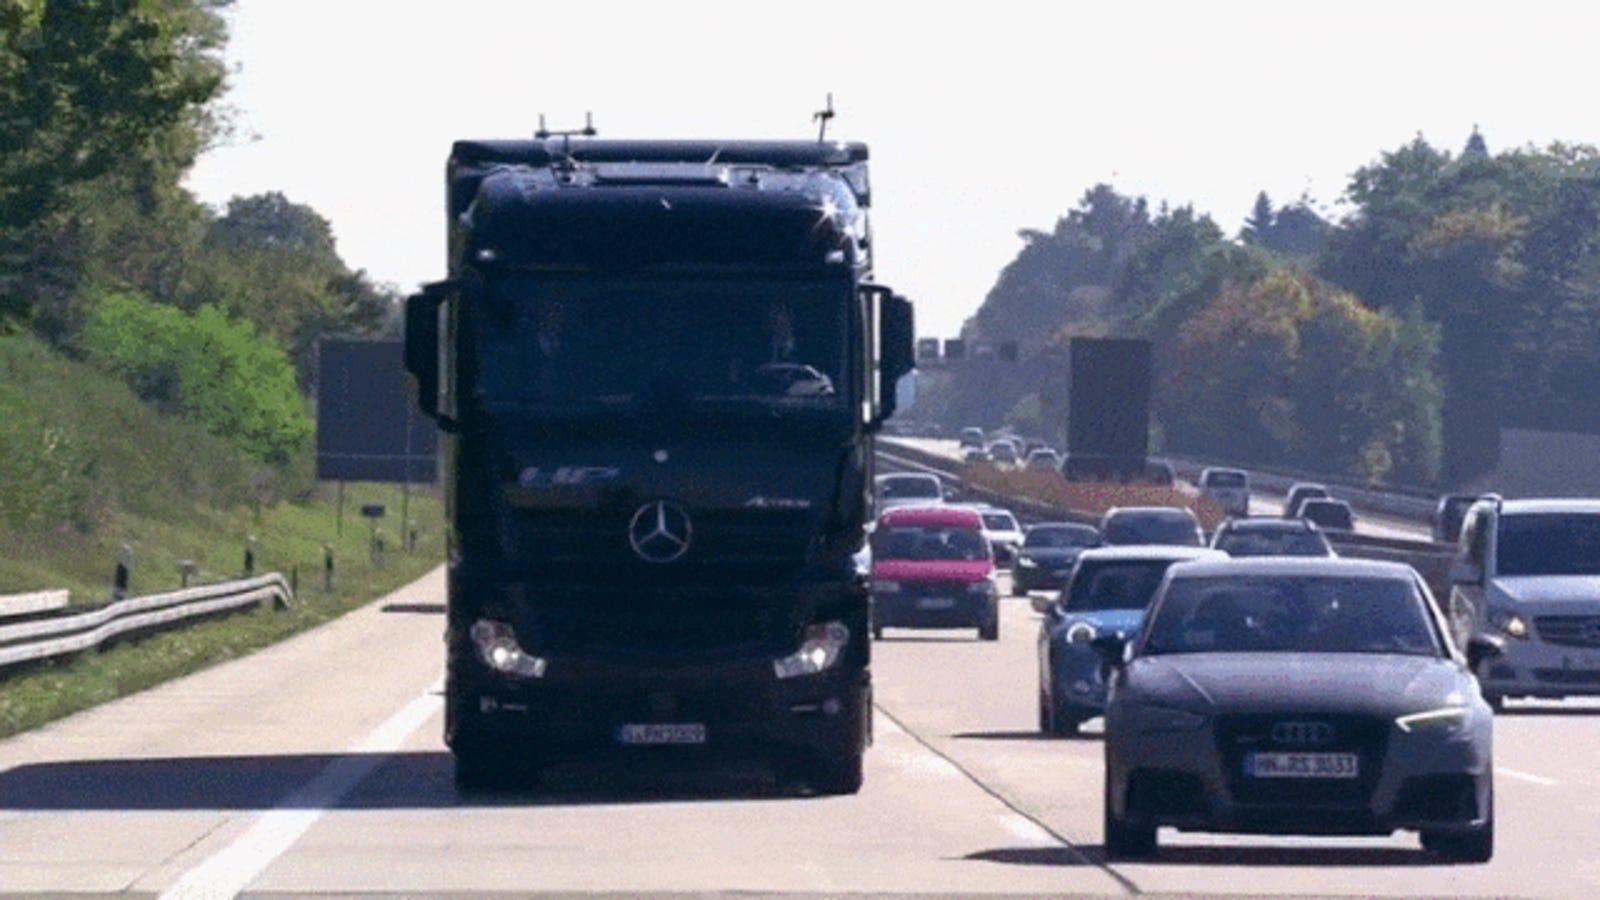 Mercedes-Benz saca a pasear su camión autónomo por la autopista